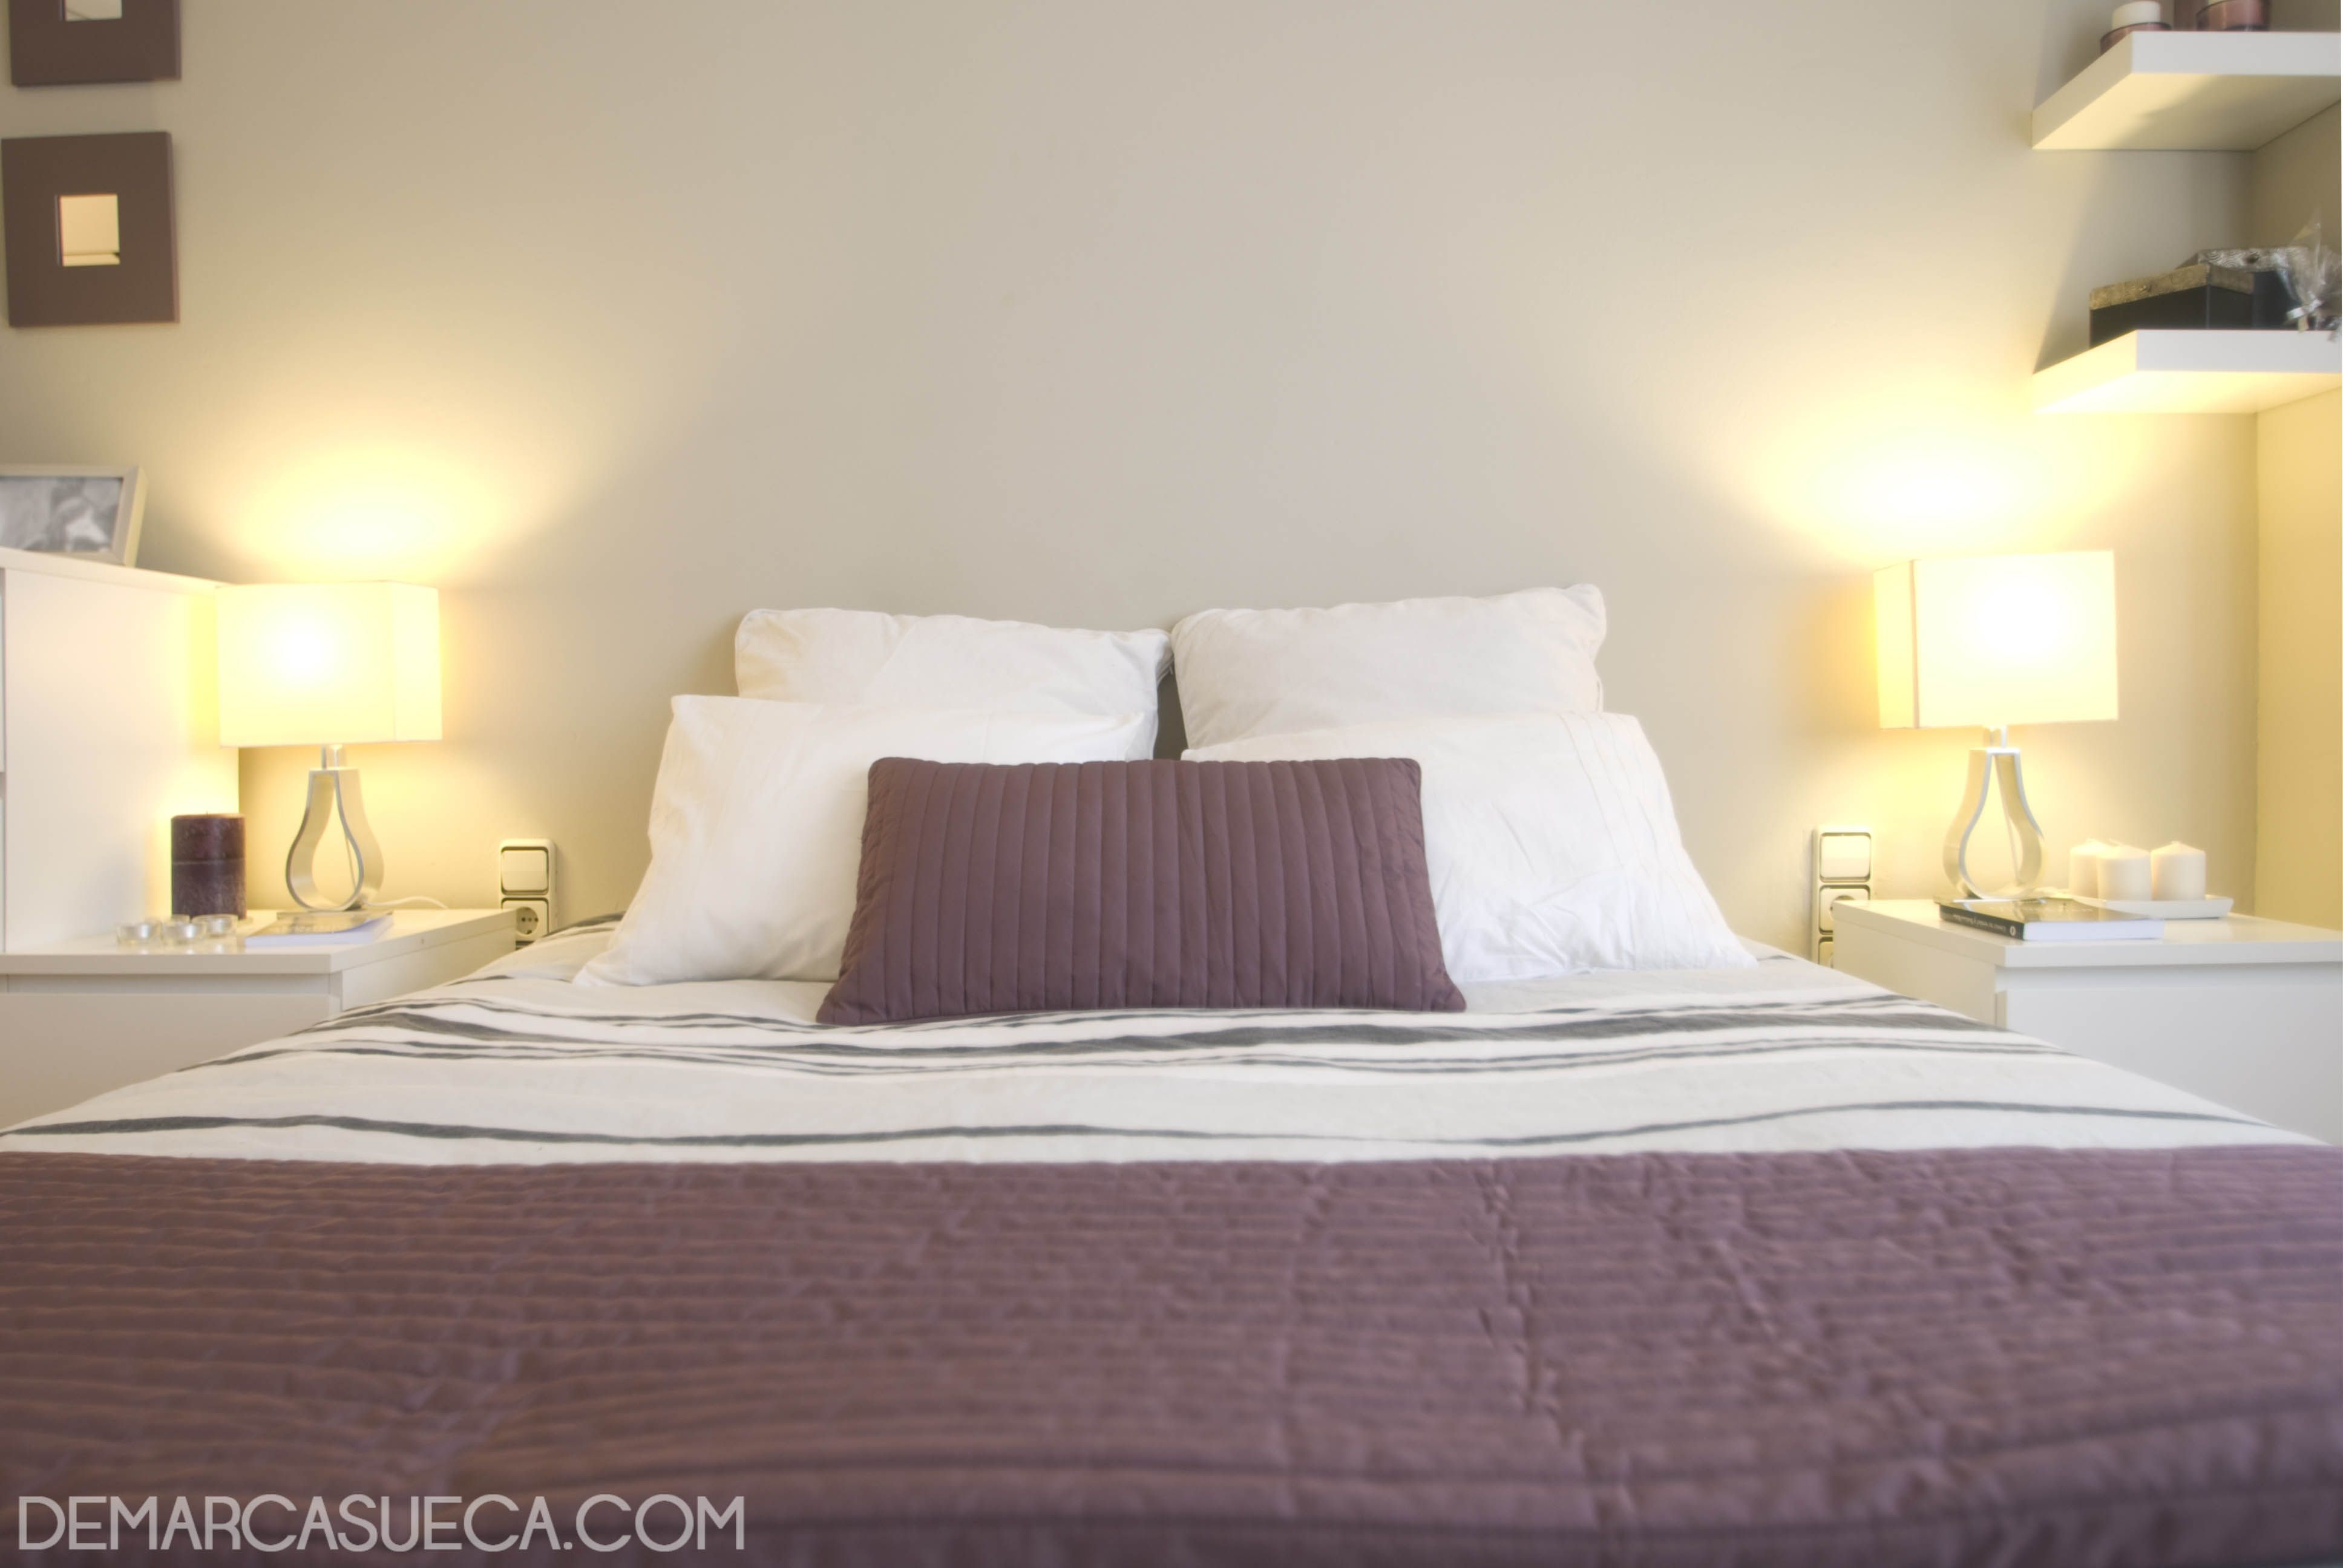 Habitaci N De Matrimonio Con Mobiliario Malm De Ikea Interiorismo  ~ Habitacion De Matrimonio Blanca